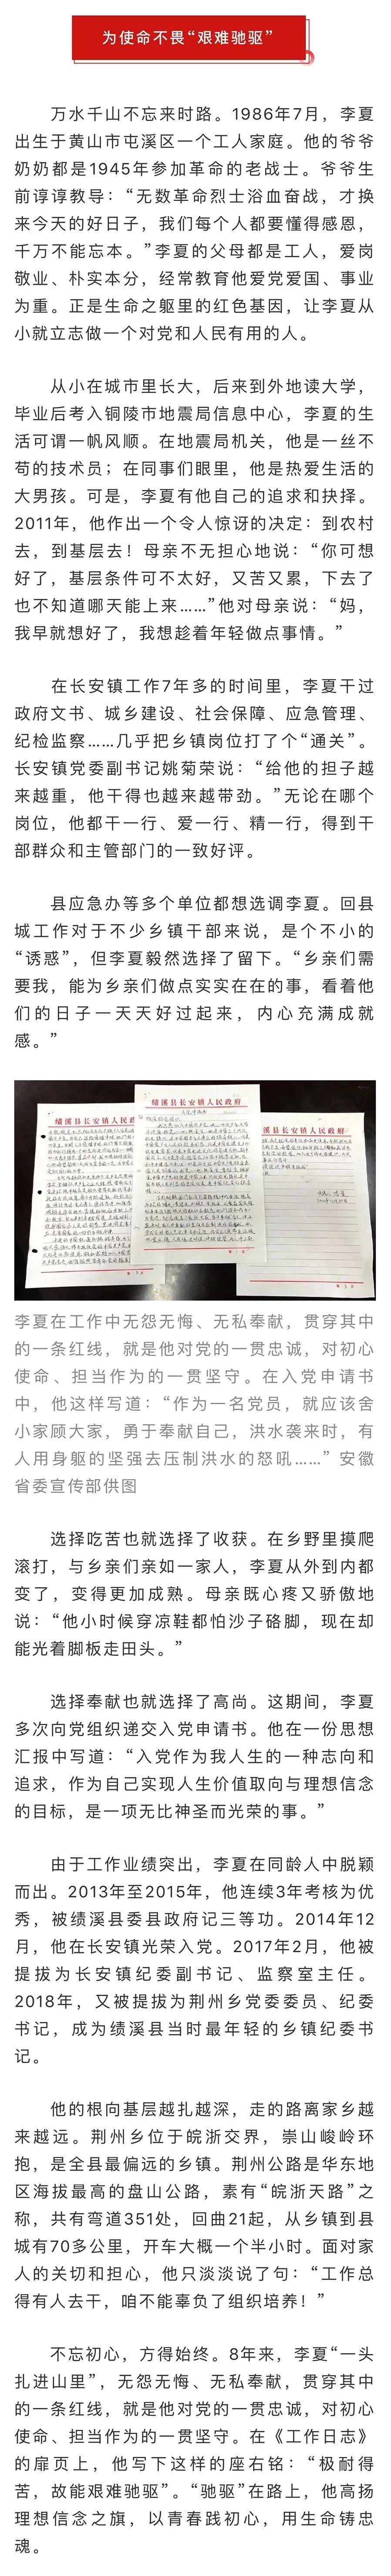 美言军事论坛,《求是》杂志刊发安徽省委文章:初心与恒心辉映 生命为使命而歌